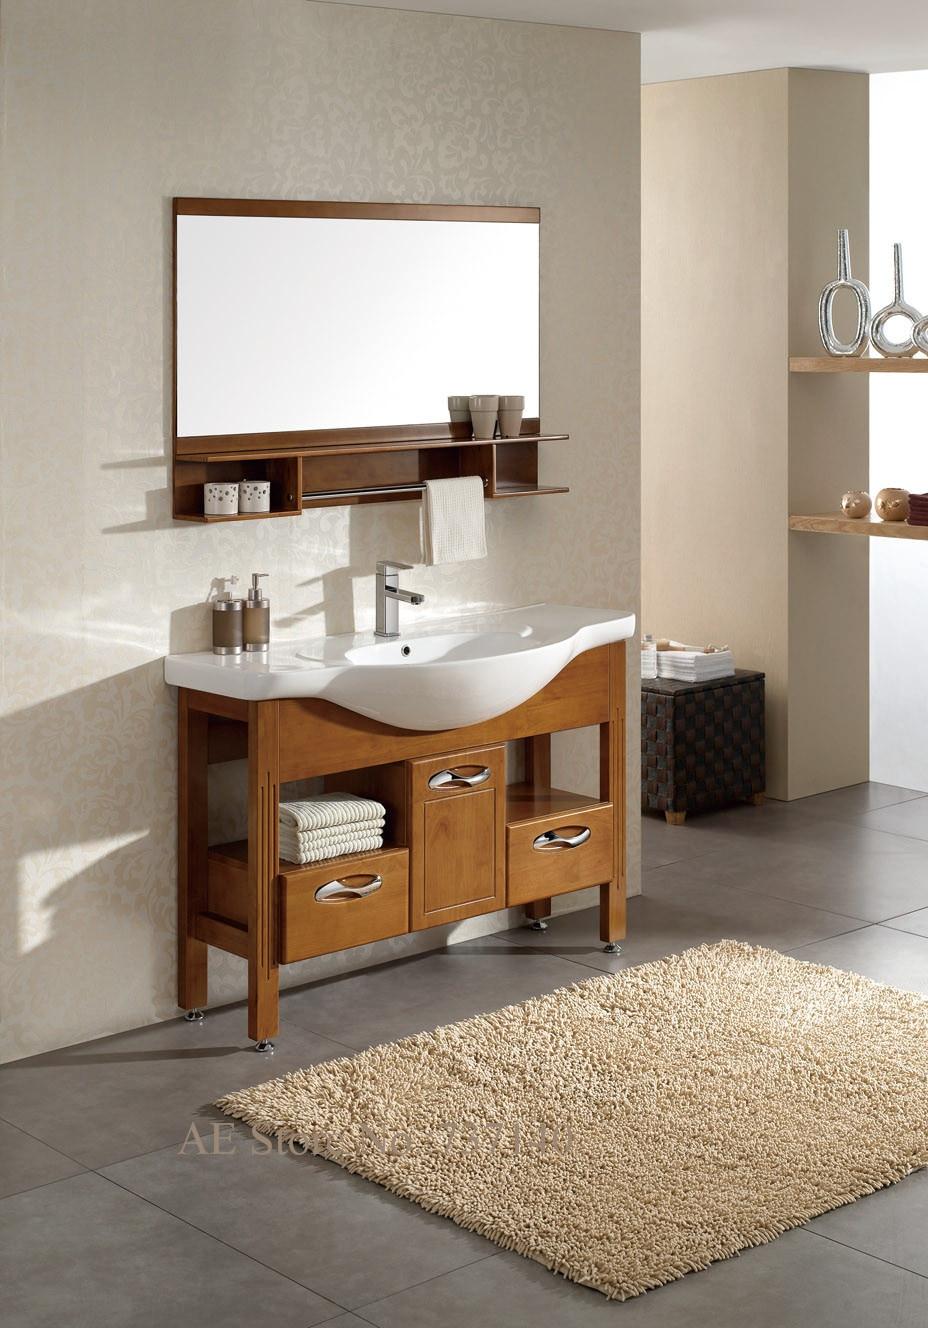 mobile bagno con lavabo in ceramica mobiletto del bagno in legno massello di rovere di alta qualit con scaffale agente di acqui